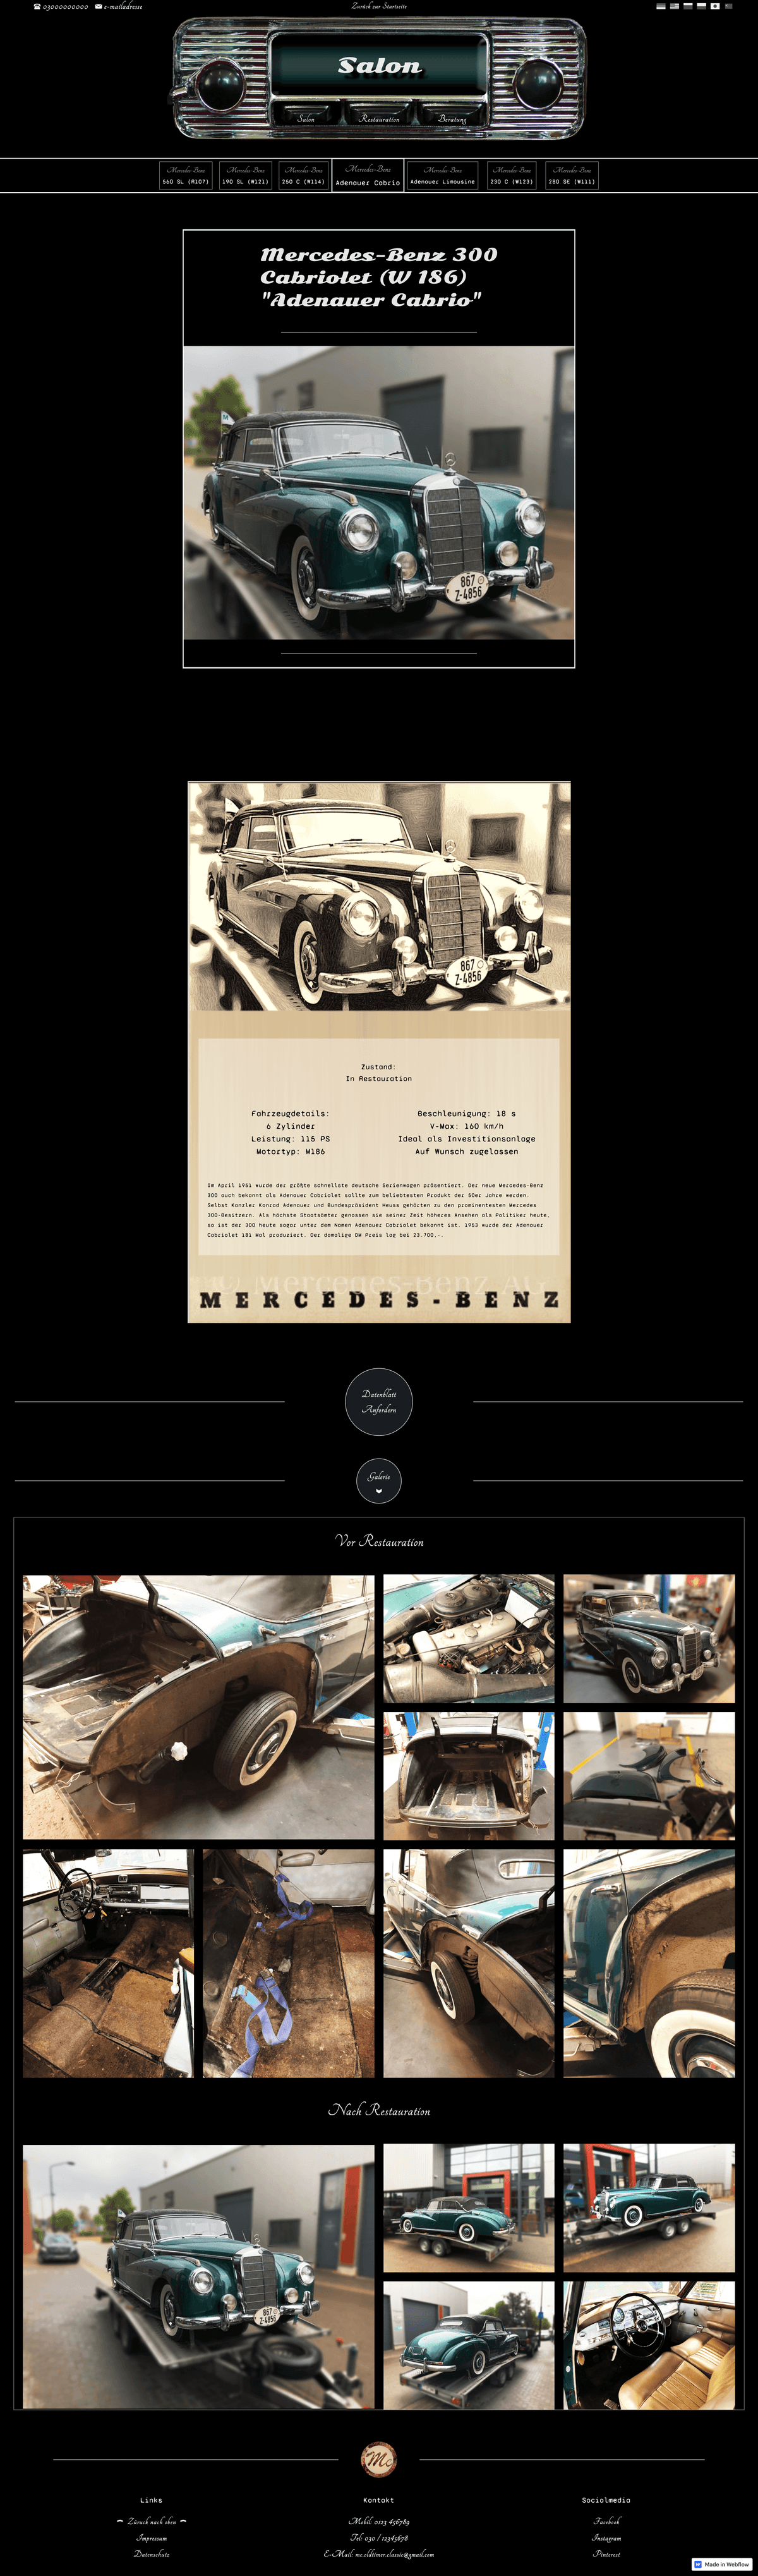 Webseiten-Layout 2 von mc-oldtimer-classic.com